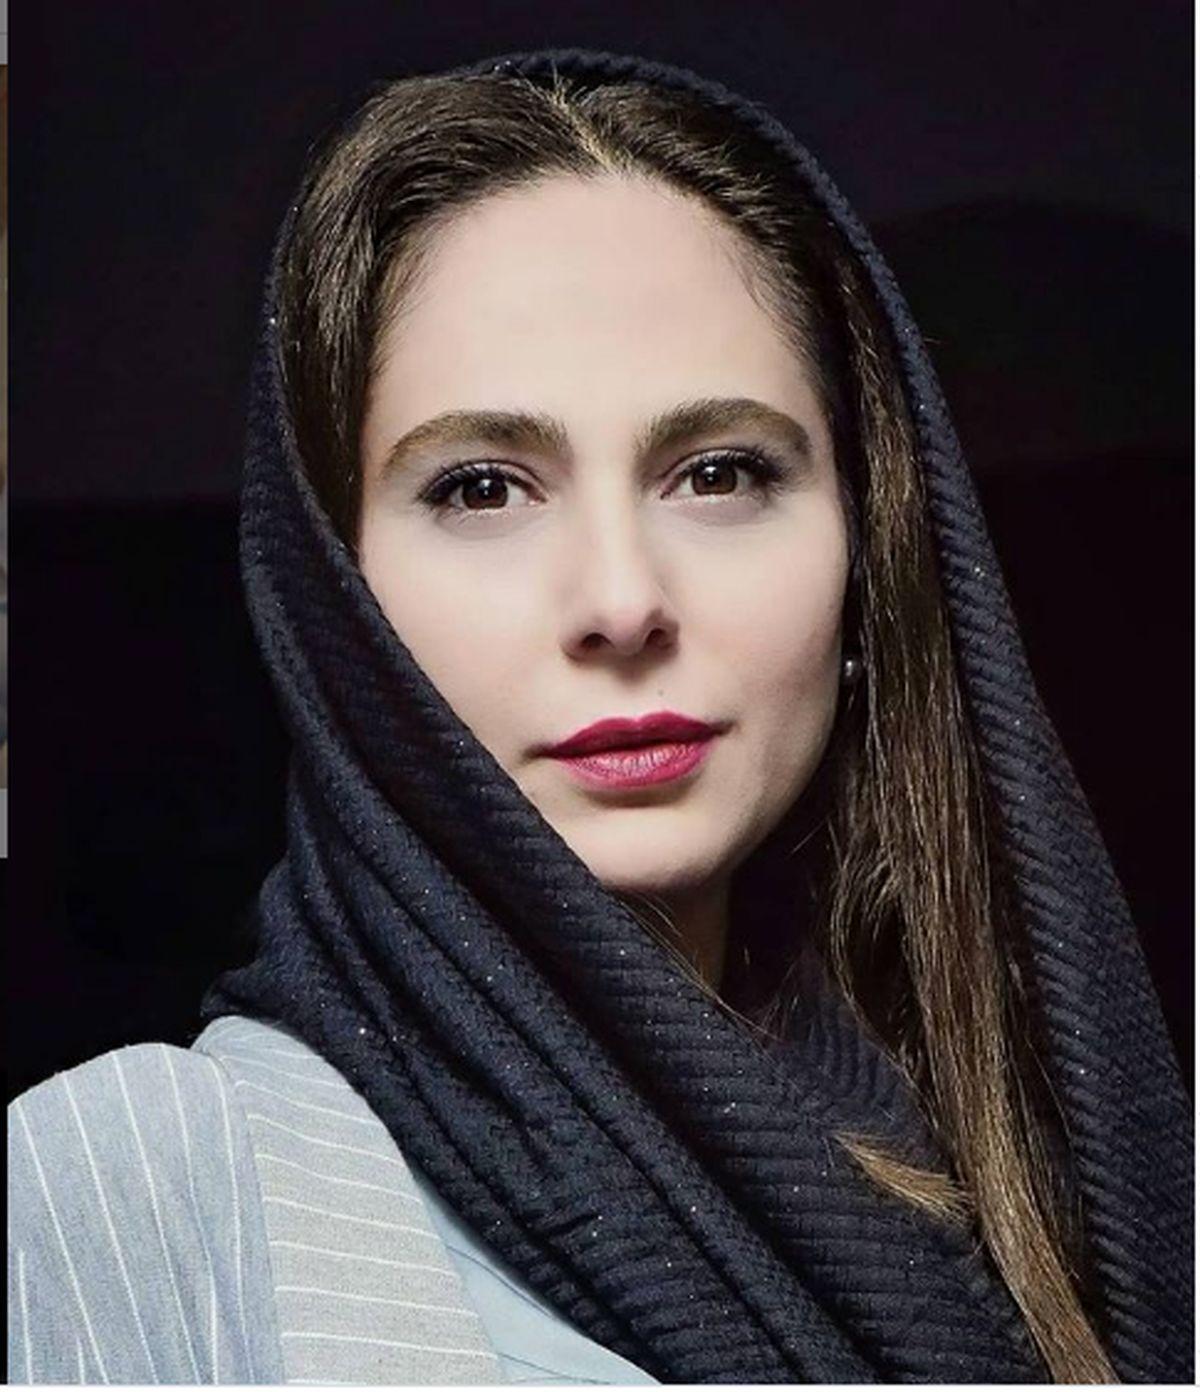 هنرنمای های رعنا آزادی ور در زخم کاری/ بیوگرافی و ماجرای ازدواج رعنا با مهدی پاکدل